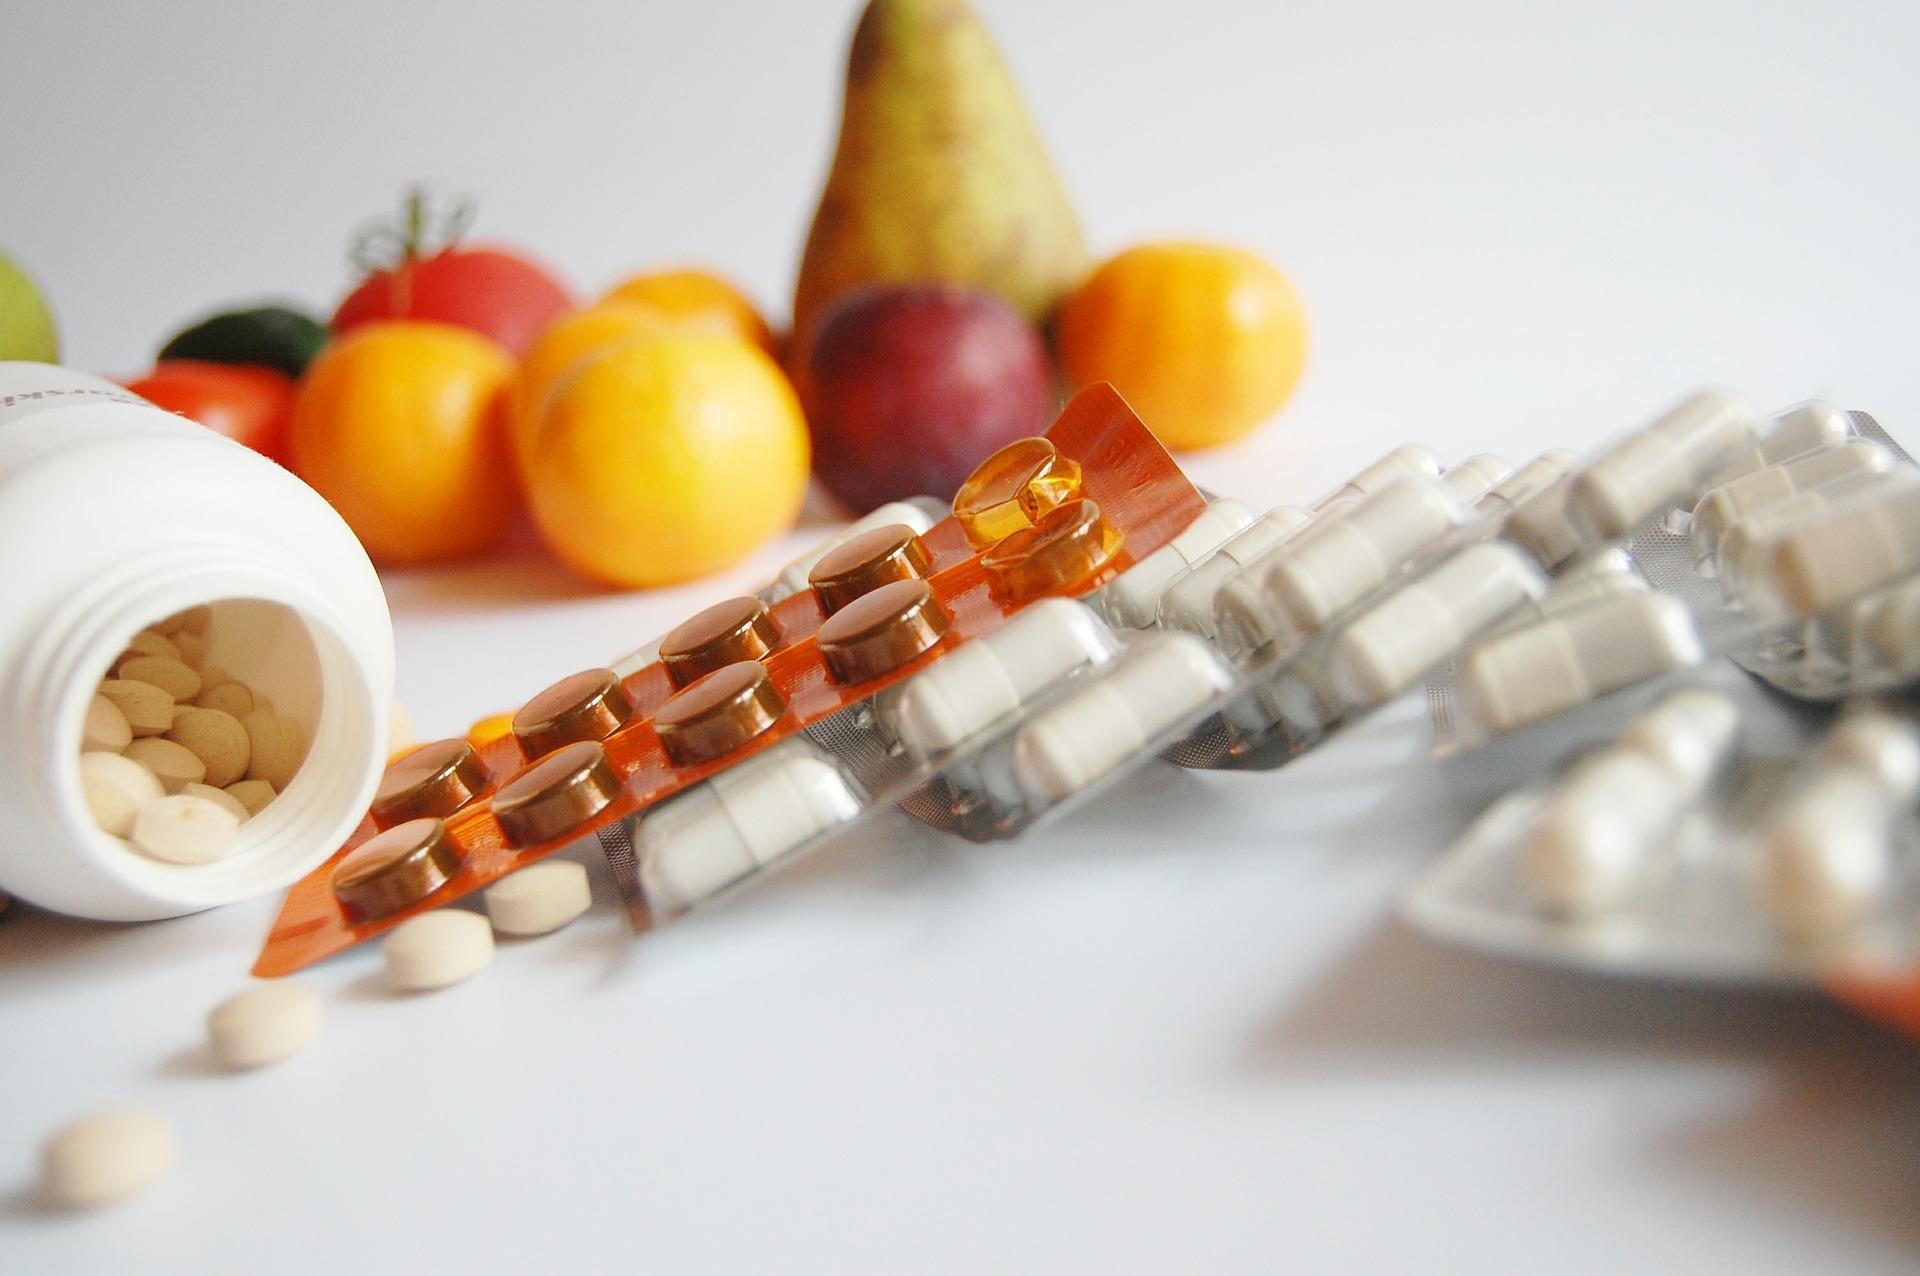 CBD ist kein Allheilmittel, eine ausgewogene Ernährung und viel Sport sind wichtig für die Gesundheit.